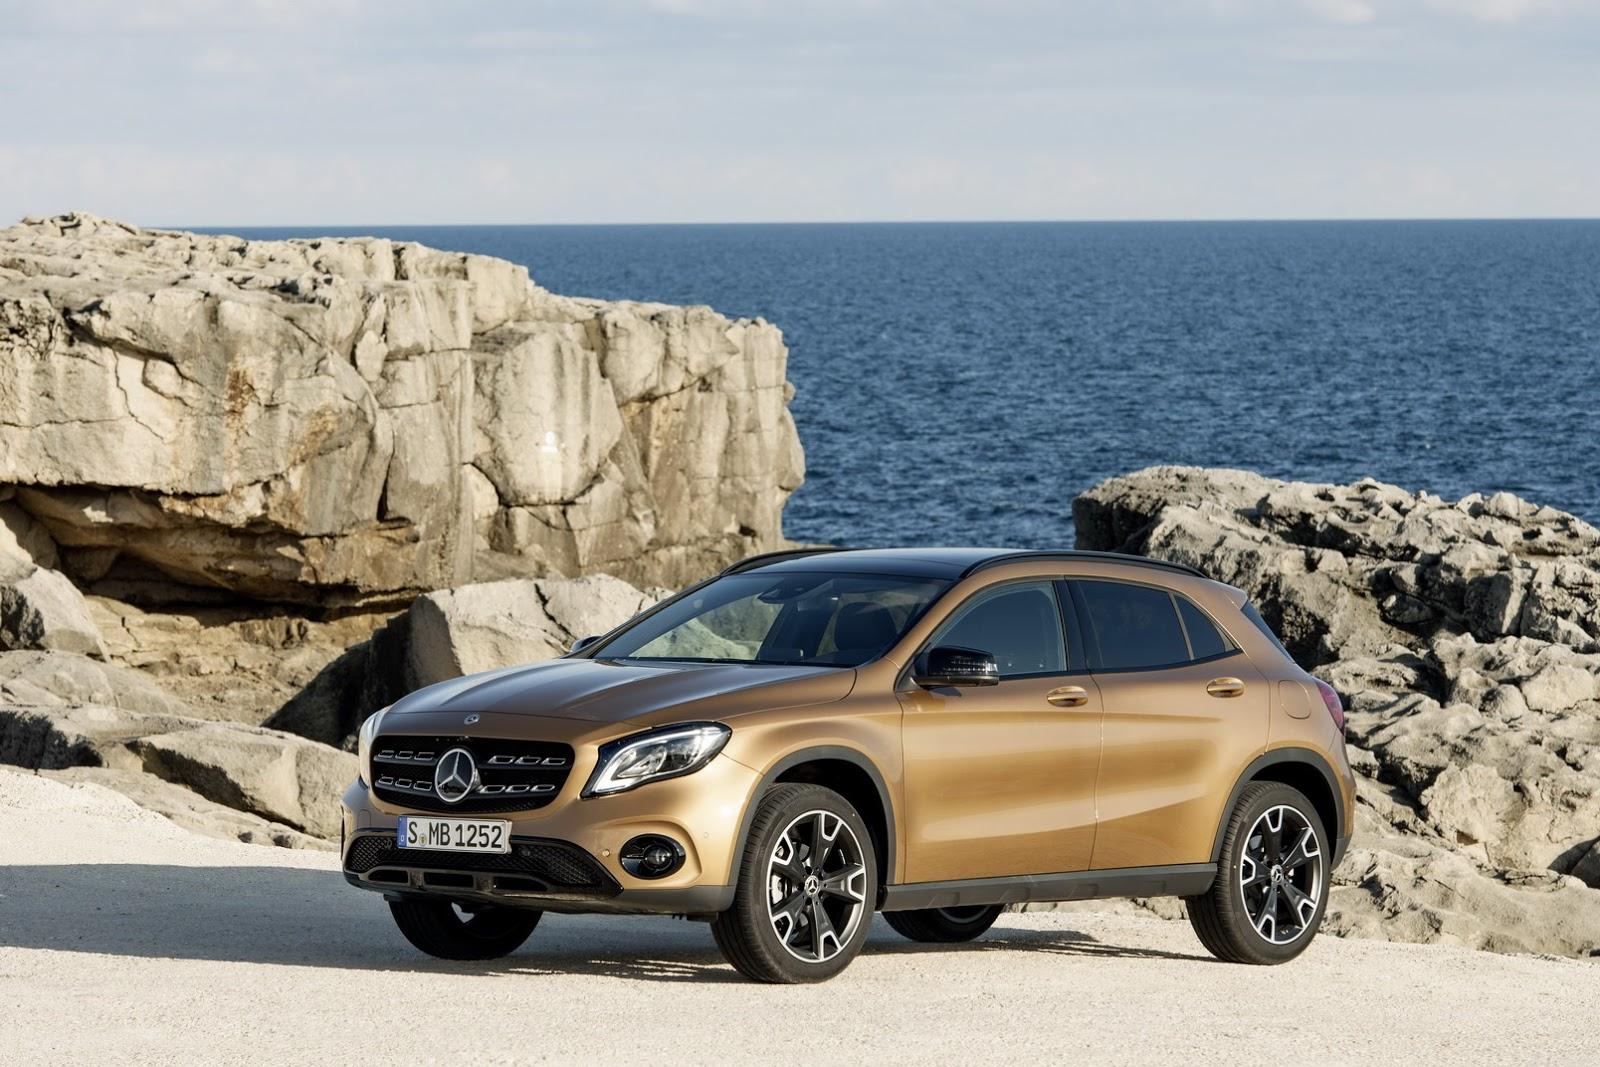 Mercedes GLA facelift and GLA 45 AMG facelift 2017 (46)